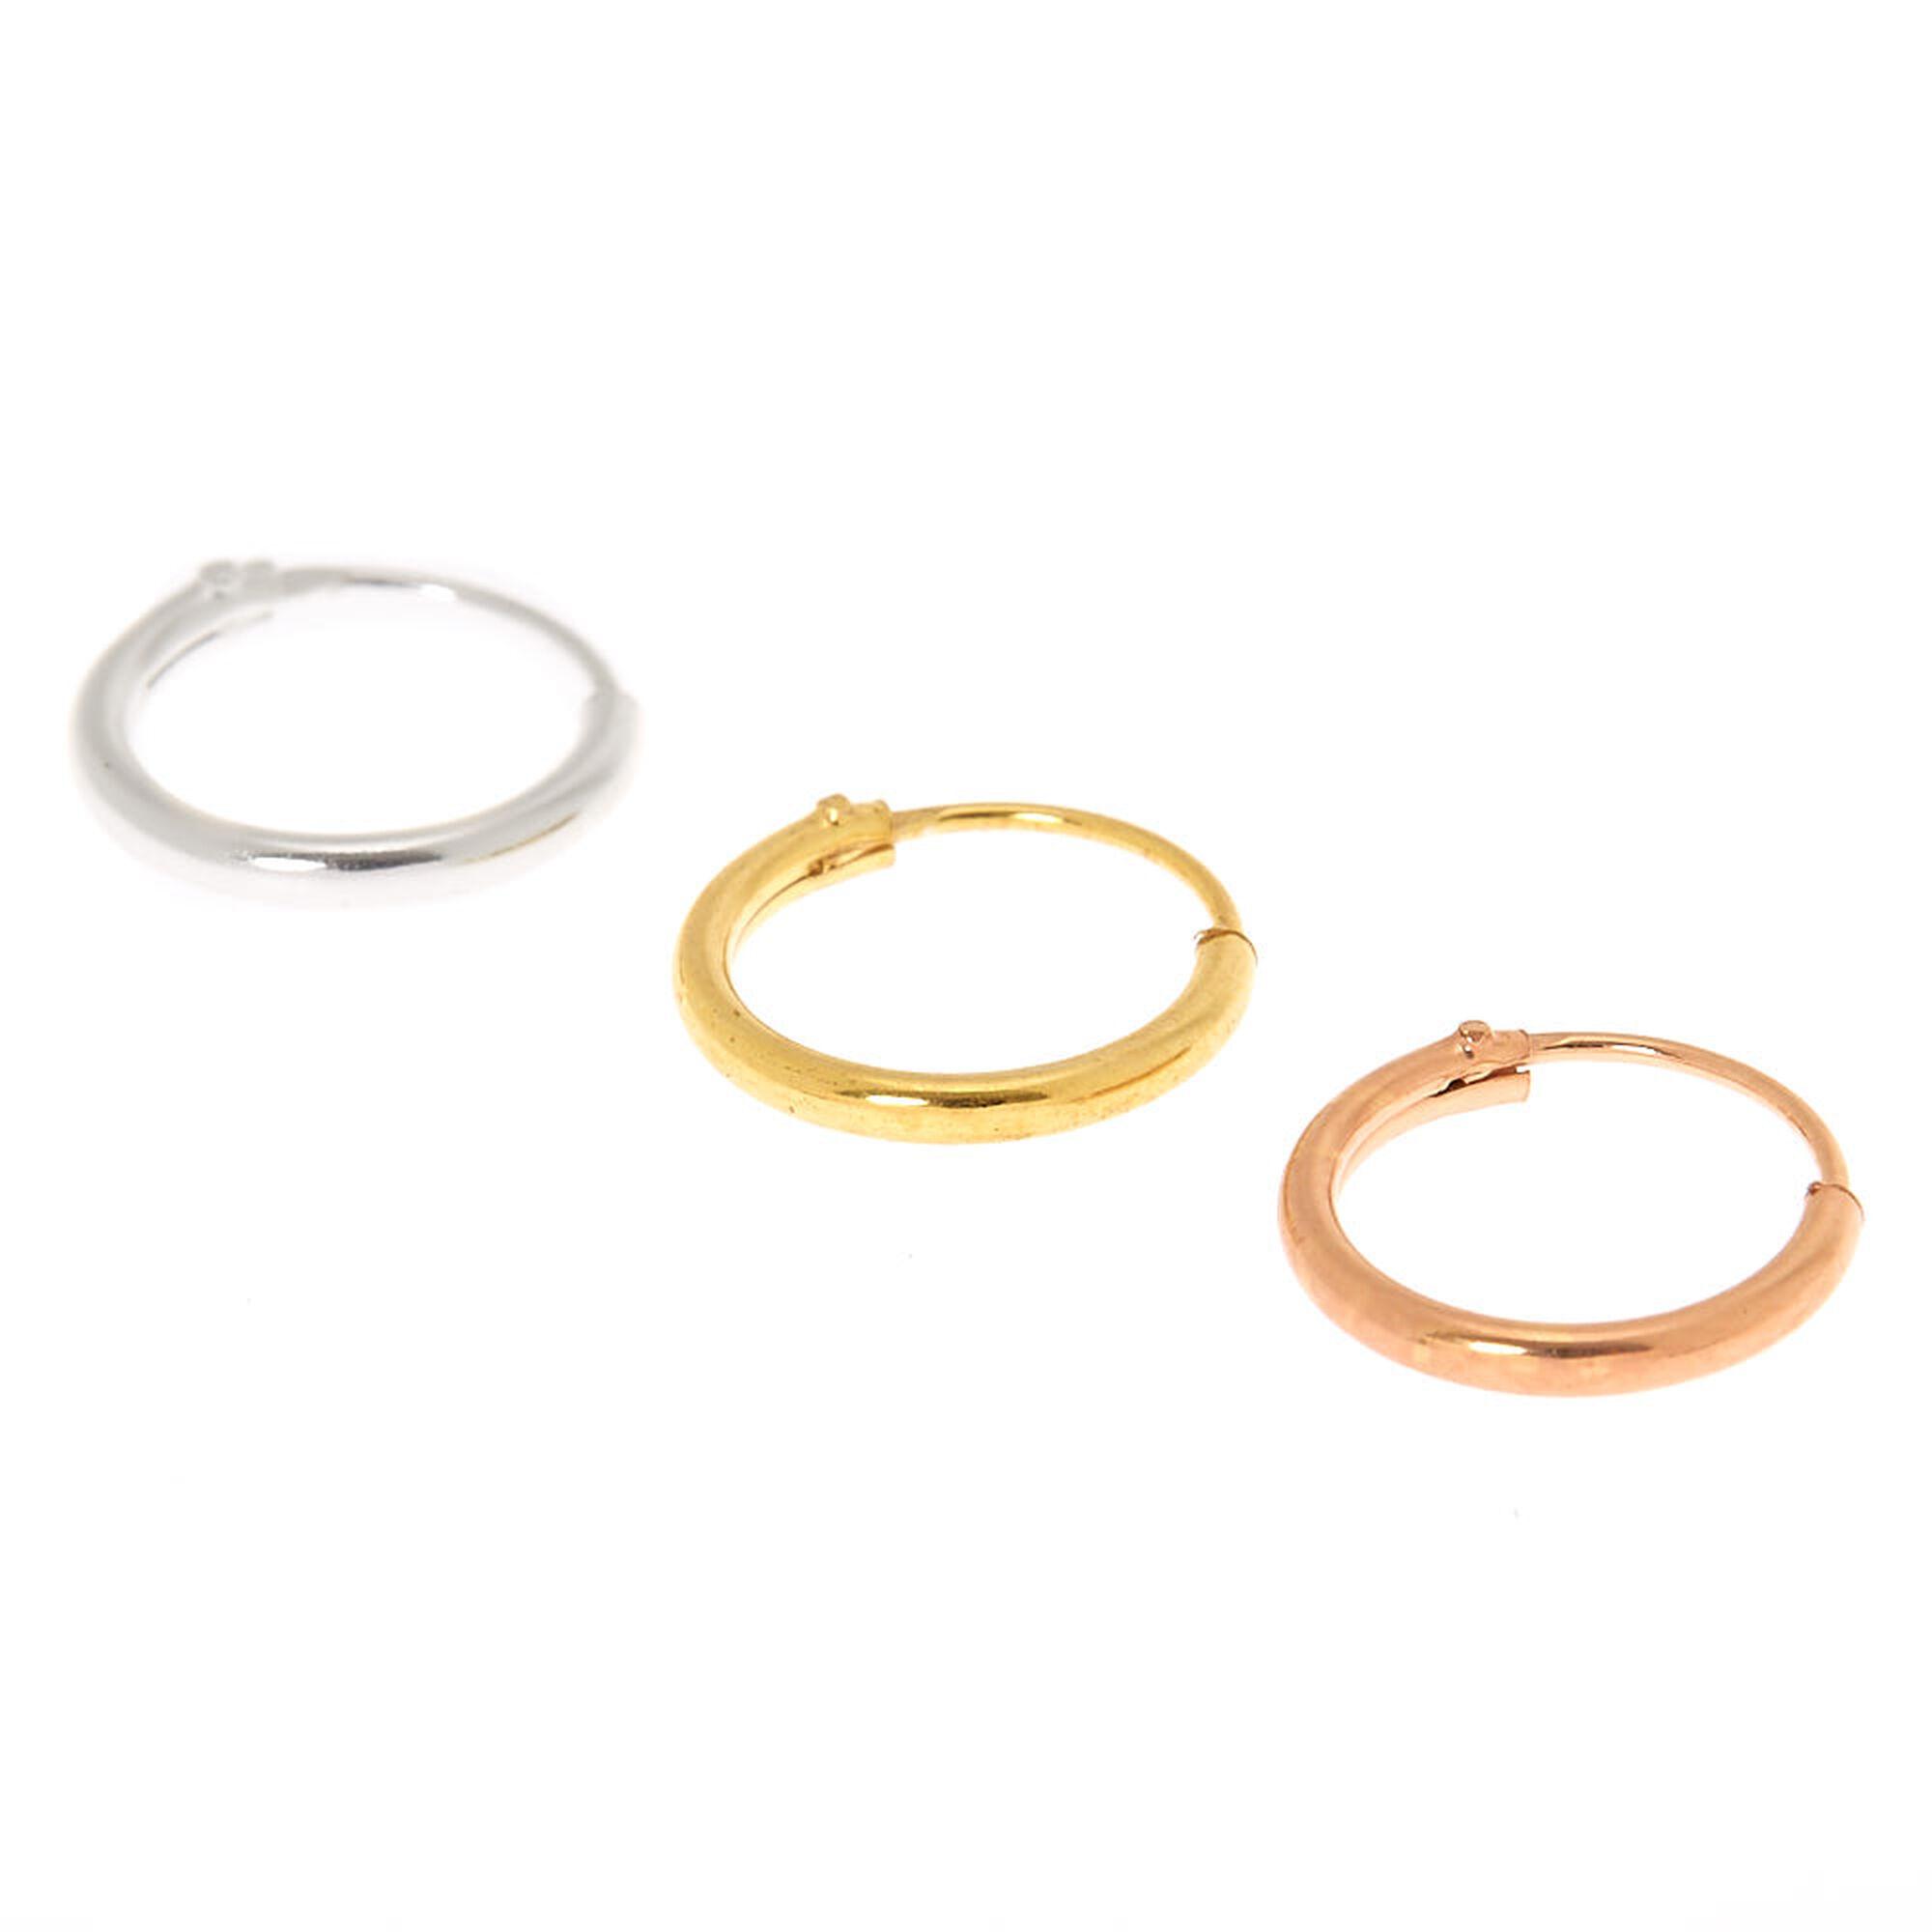 Mixed Metal Sterling Silver 22G Cartilage Hoop Earrings ...